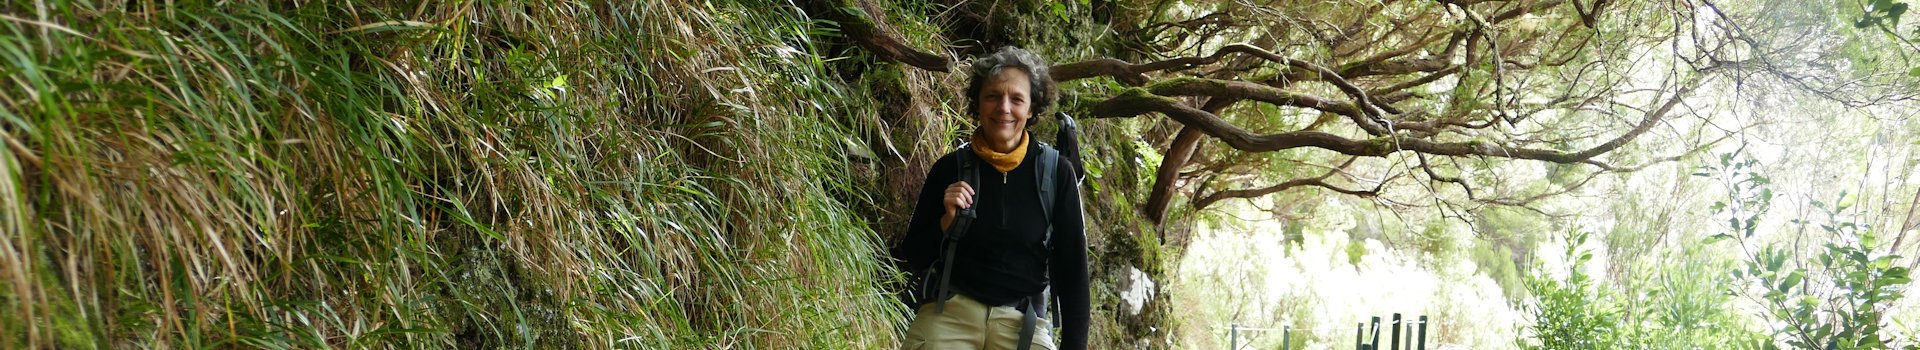 Rabaçal: Risco-Wasserfall und 25-Fontes